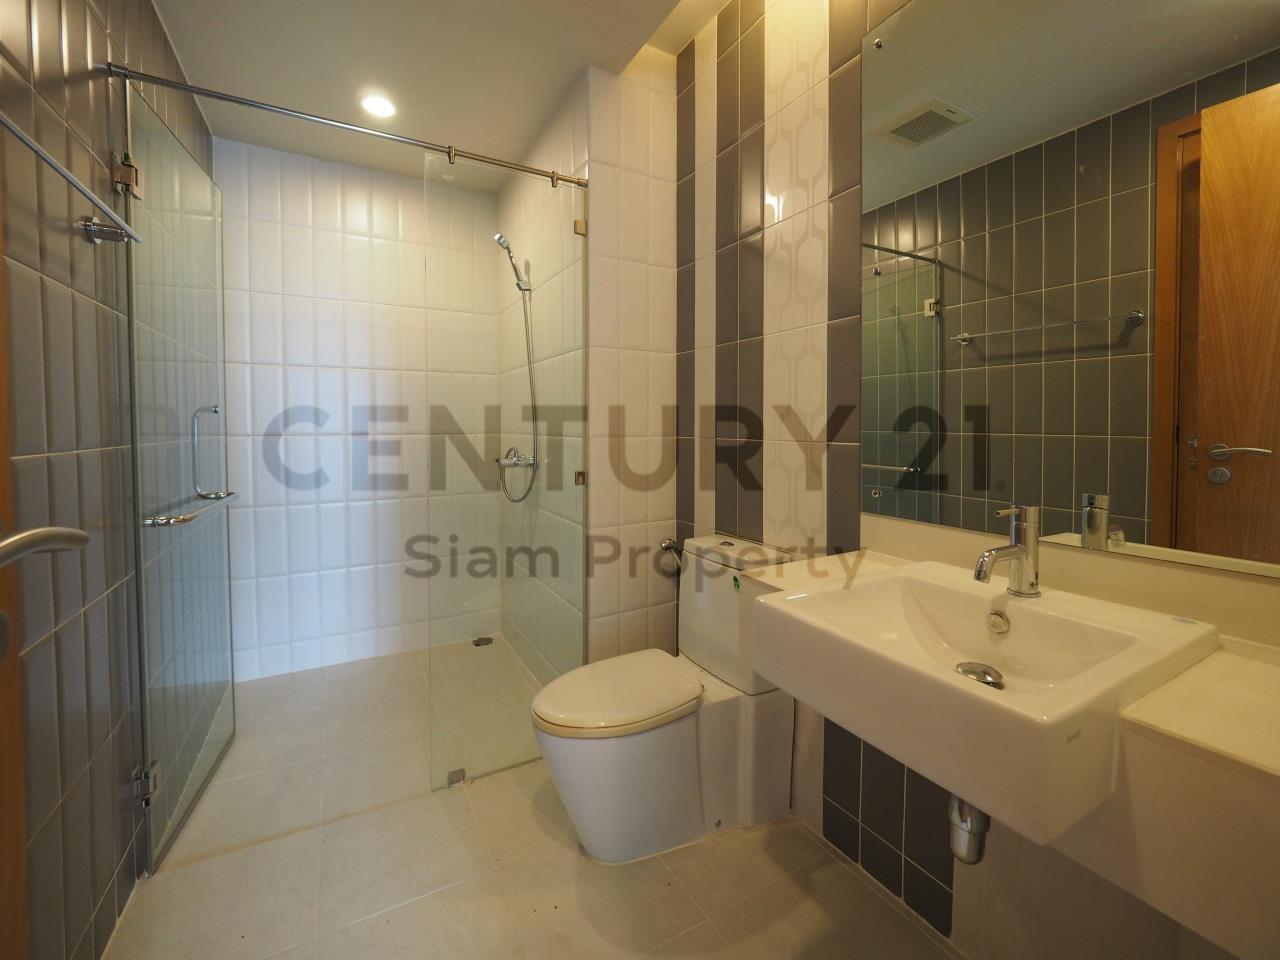 Century21 Siam Property Agency's Circle Condominium 11